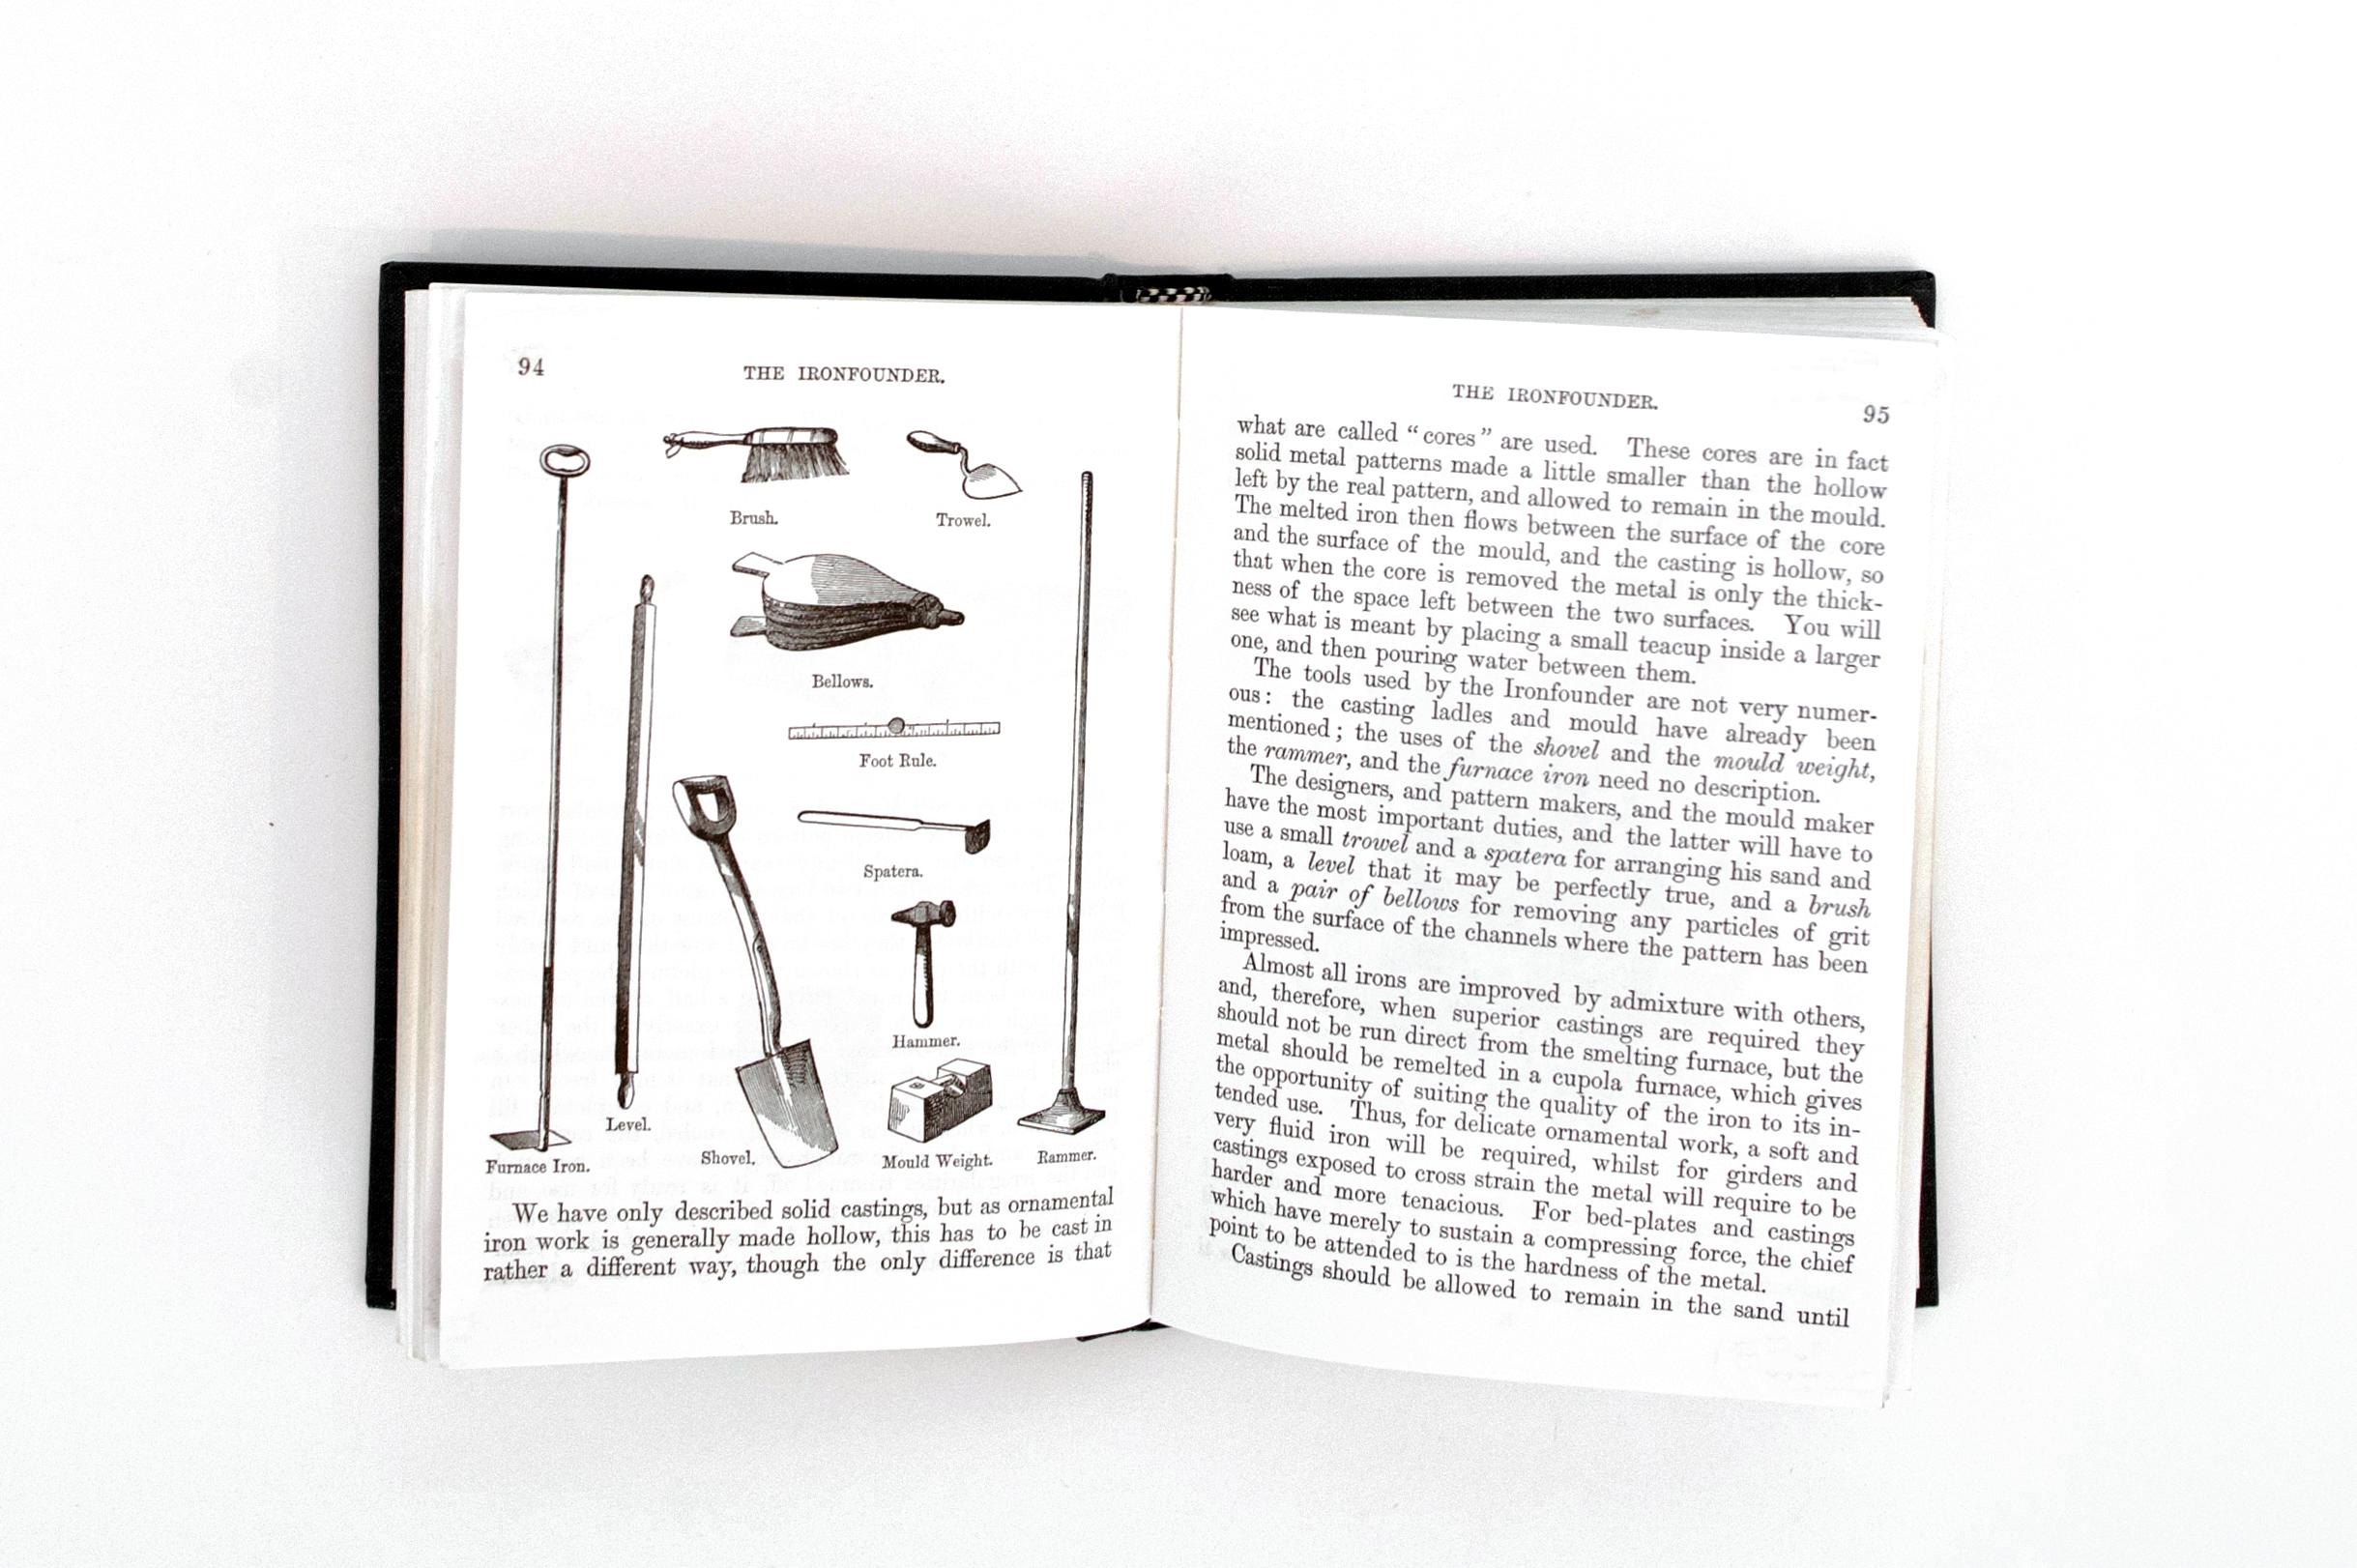 Une page de texte et d'illustrations de l'ouvrage Boy's Book of Trades (Livre des métiers pour les garçons) qui présente différents types d'outils employés par les ouvriers des fonderies.